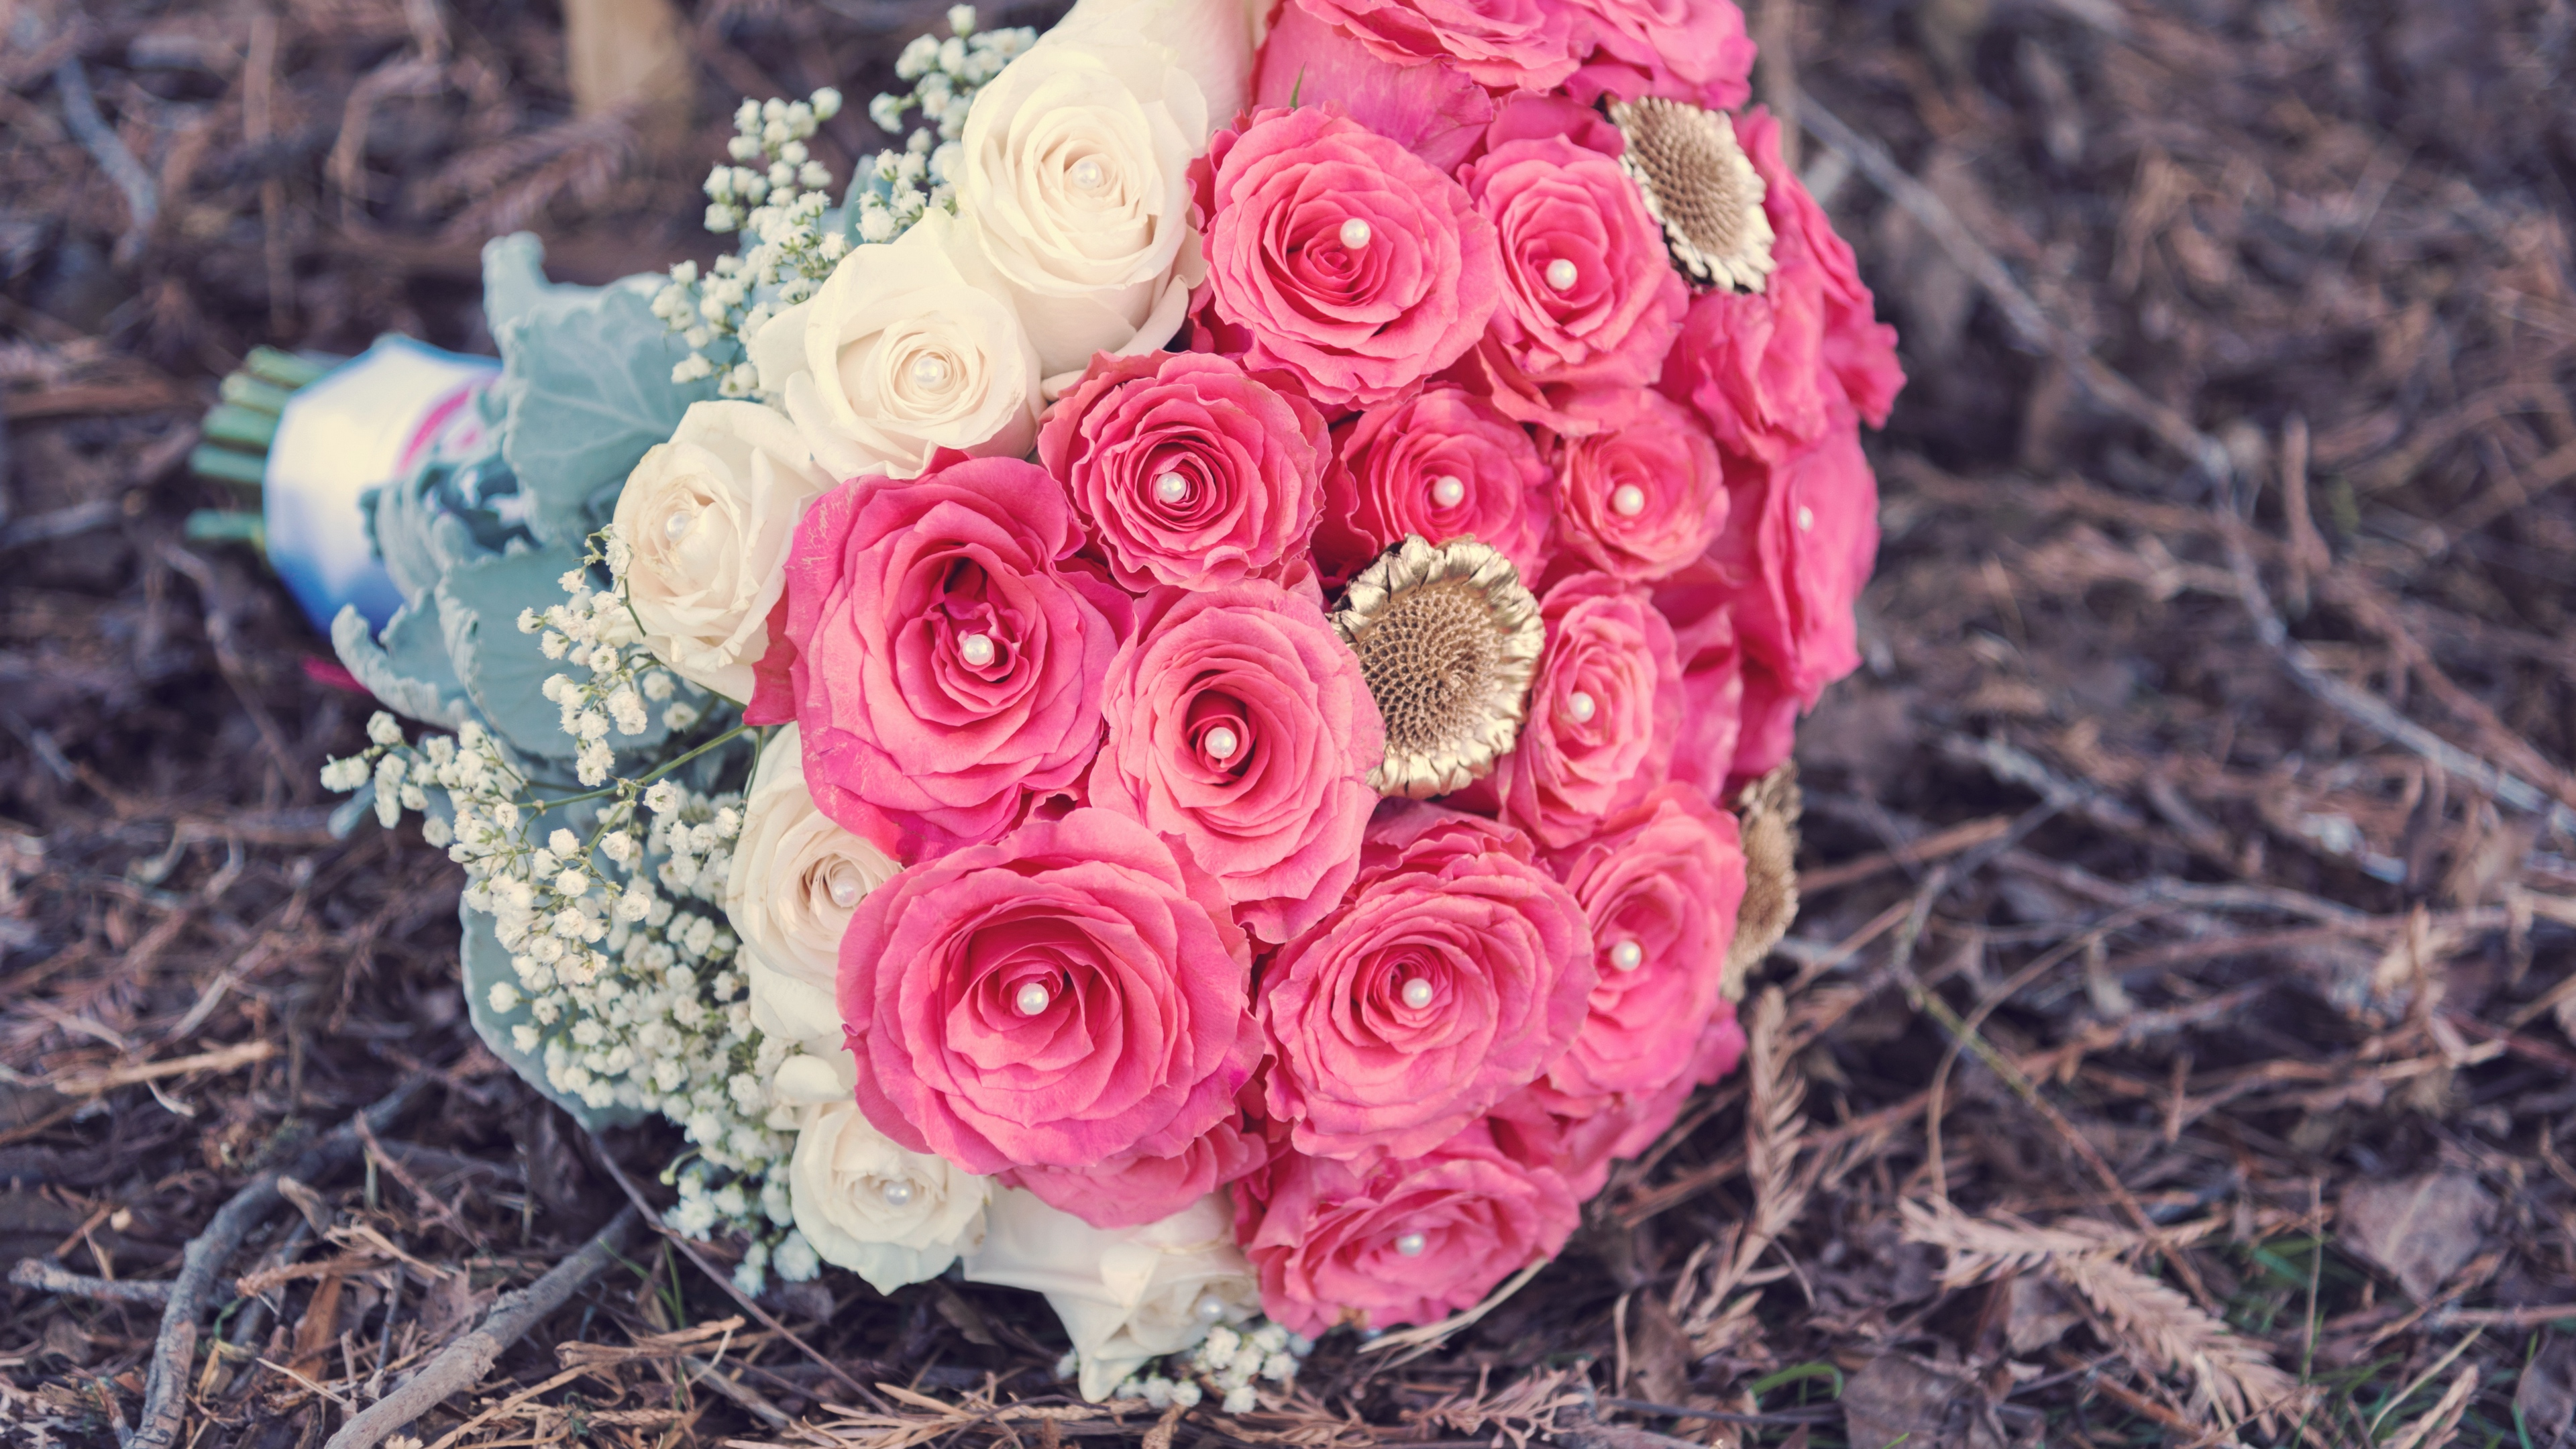 roses bouquet composition decoration 4k 1542242031 - roses, bouquet, composition, decoration 4k - Roses, composition, Bouquet